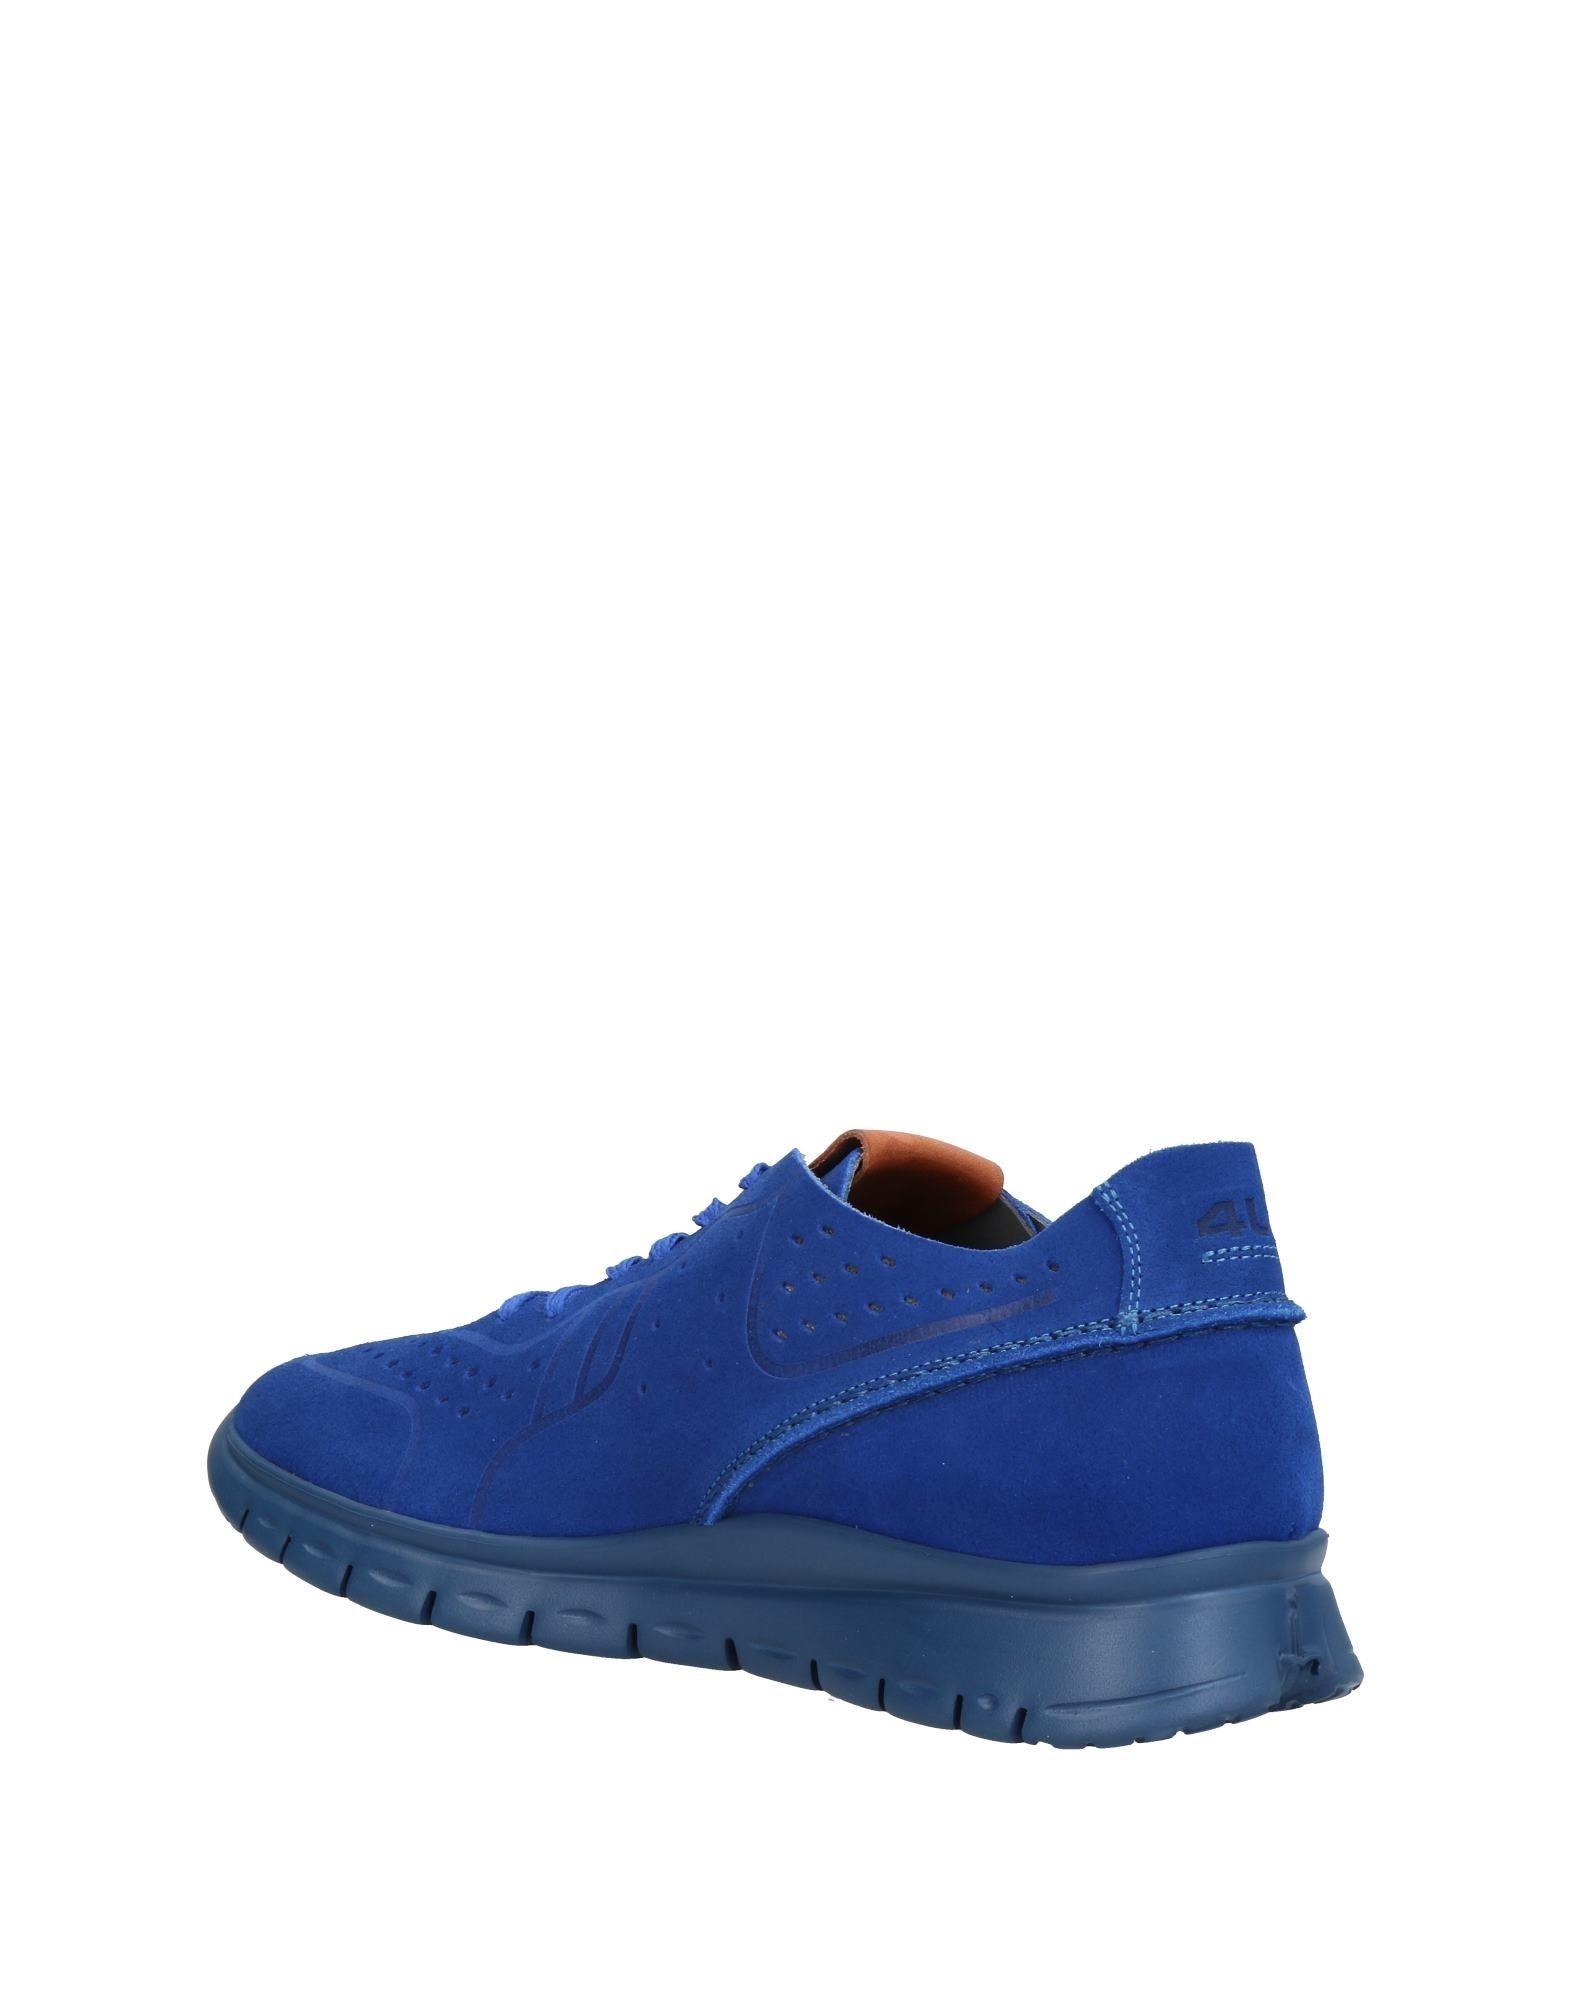 Cesare Cesare Cesare Paciotti 4Us Sneakers - Men Cesare Paciotti 4Us Sneakers online on  Canada - 11277345MV f0d57e